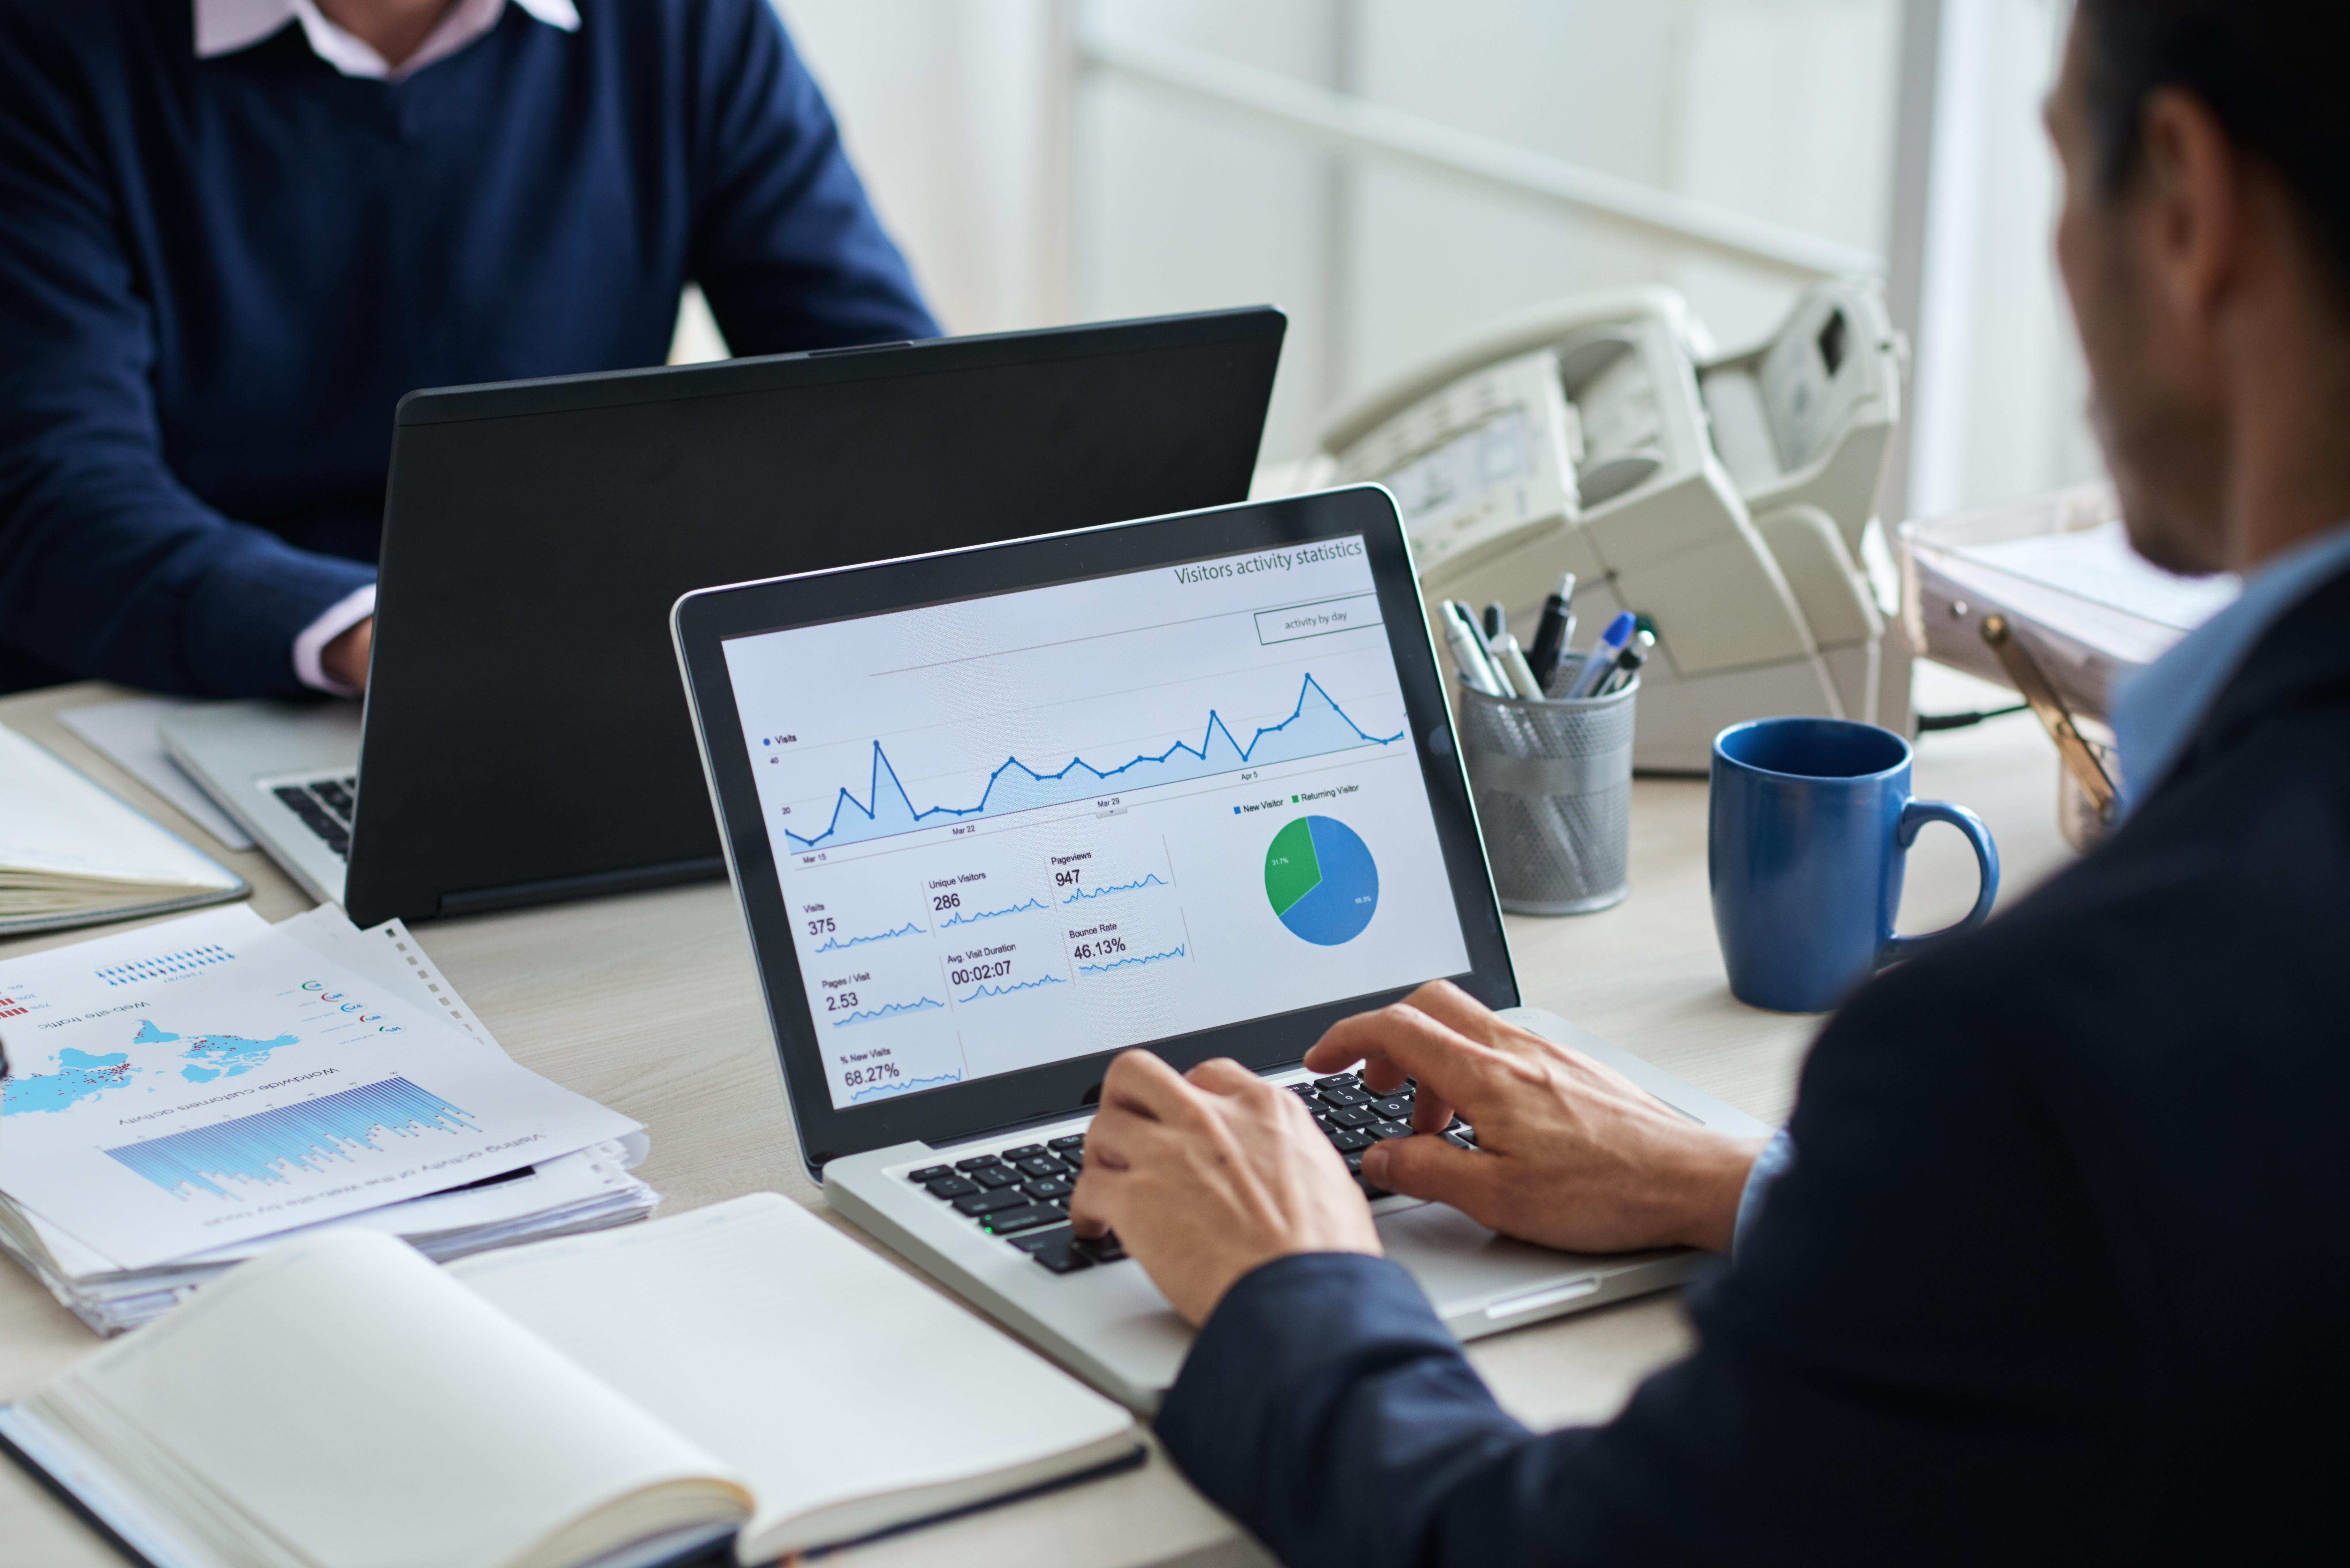 Analyste / Chargé d'Affaires (H/F) - CDI